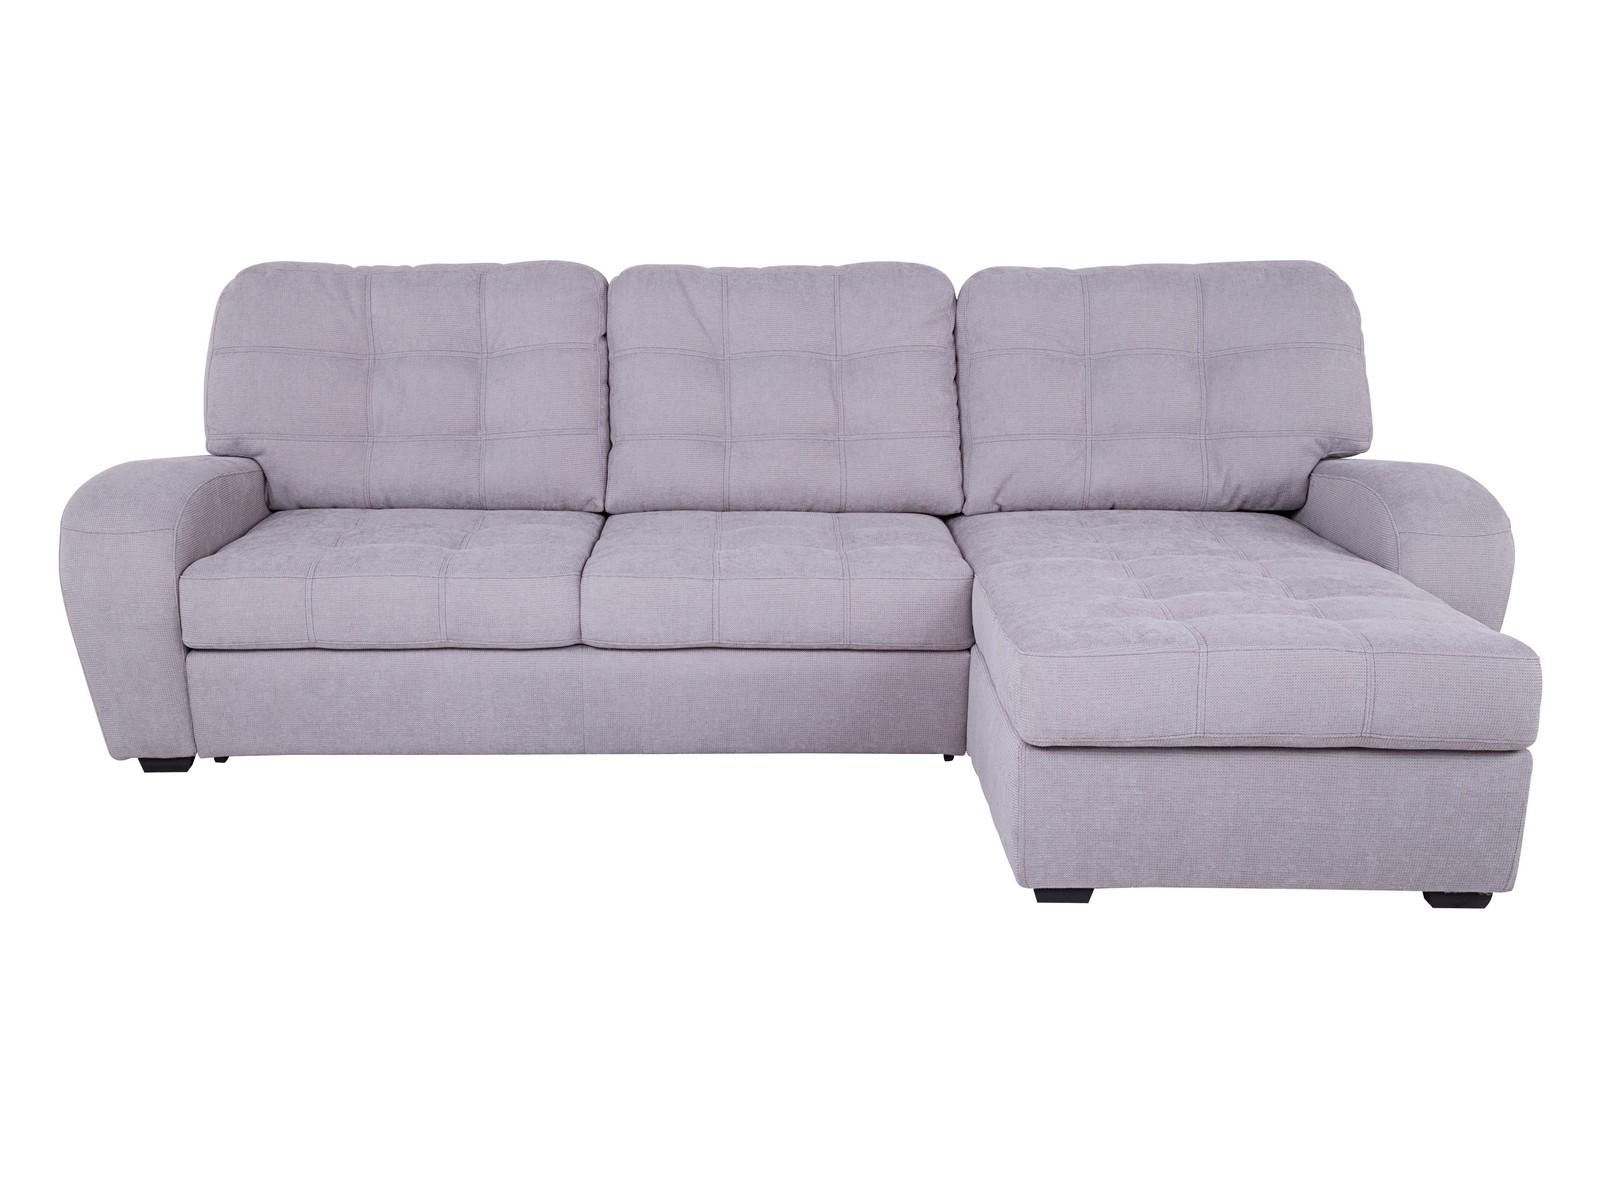 Угловой диван-кровать МонреальУгловые раскладные диваны<br>Удобная, но компактная кровать - кто не мечтает о такой? &amp;amp;nbsp;У раскладного дивана &amp;quot;Монреаль&amp;quot; в основе ортопедическая решетка, поэтому ваш сон будет комфортным. А большой отсек для хранения спальных принадлежностей и раскладной механизм помогут сэкономить место.&amp;lt;div&amp;gt;&amp;lt;br&amp;gt;&amp;lt;/div&amp;gt;&amp;lt;div&amp;gt;Материал обивки: рогожка&amp;lt;br&amp;gt;Размер спального места: 240х160 см&amp;lt;/div&amp;gt;<br><br>Material: Текстиль<br>Ширина см: 191.0<br>Высота см: 104.0<br>Глубина см: 191